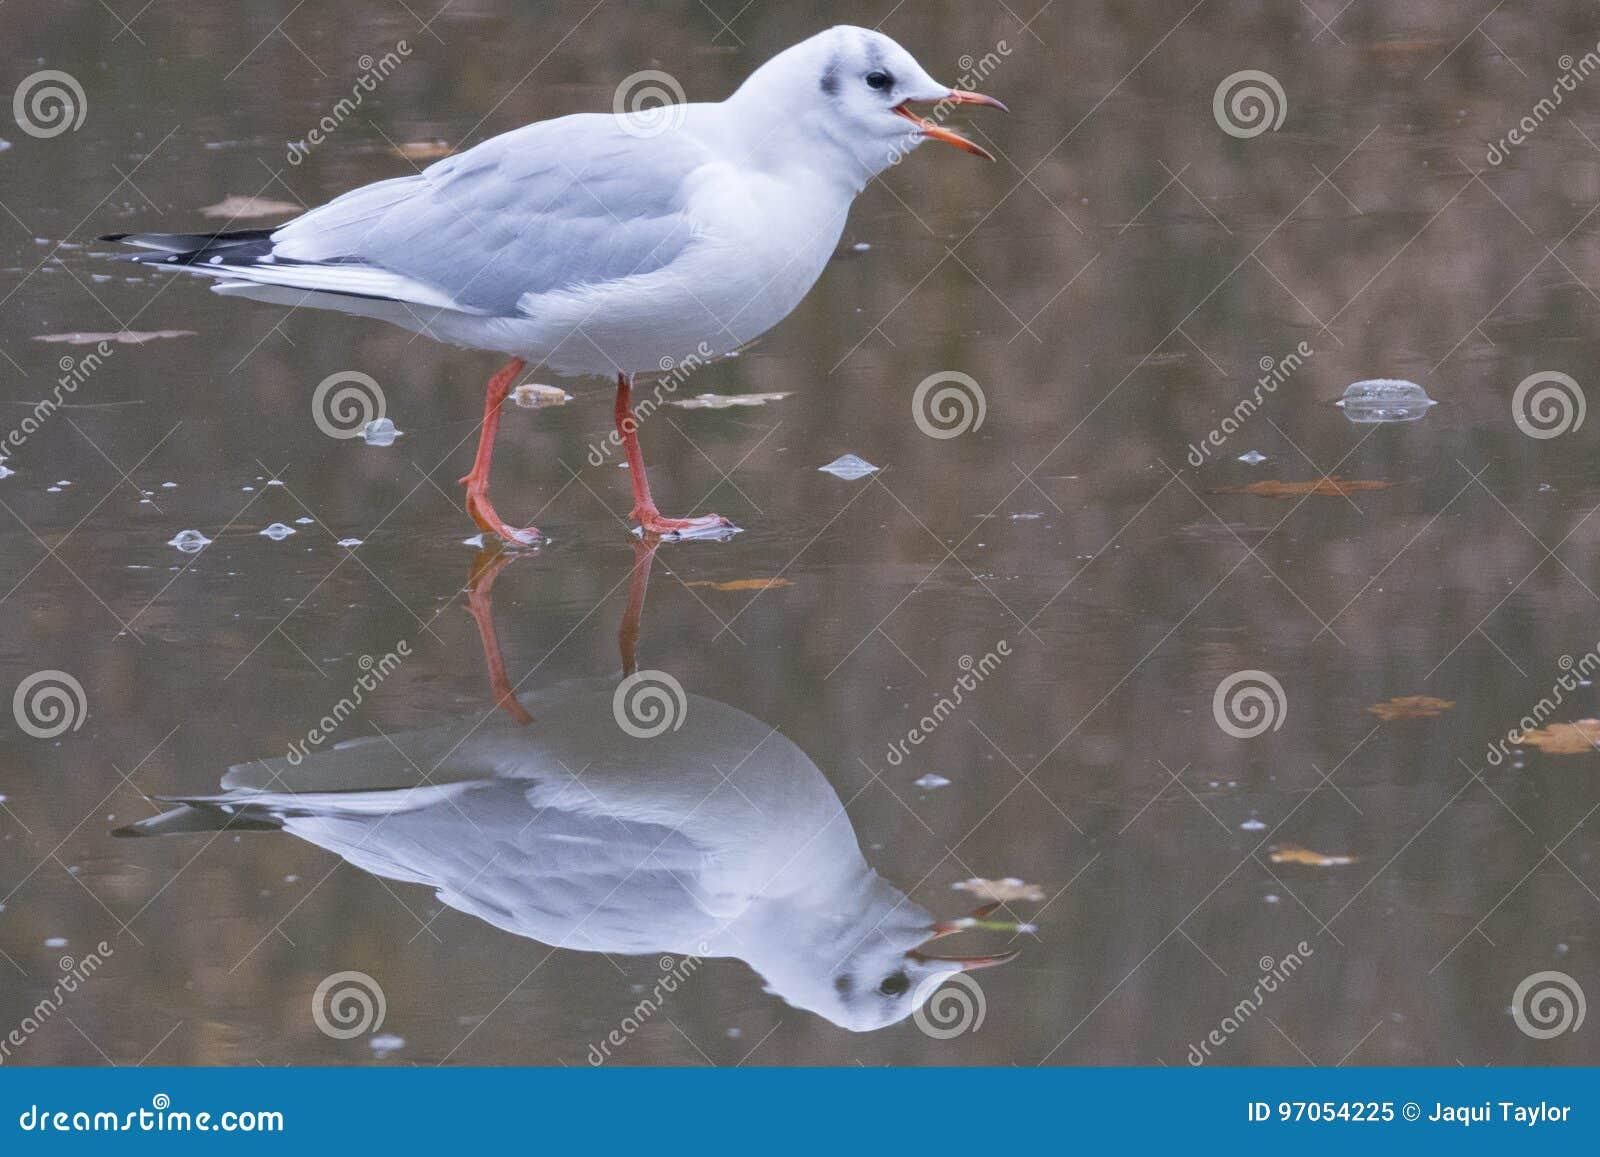 Seagull walking on ice